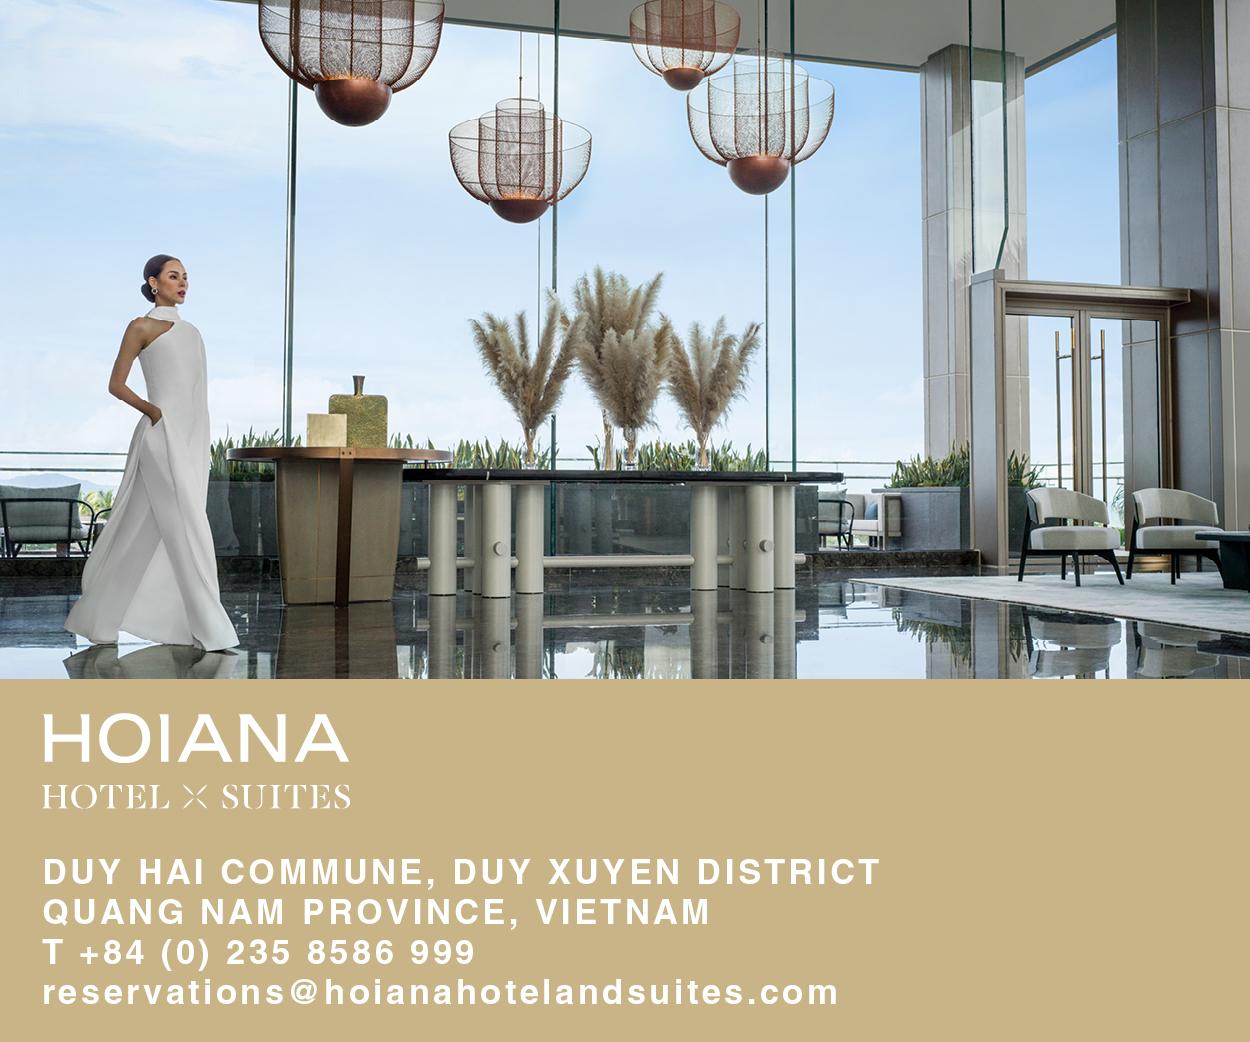 https://www.hoiana.com/hoiana-hotel-suites?utm_source=VietnamNews-MREC